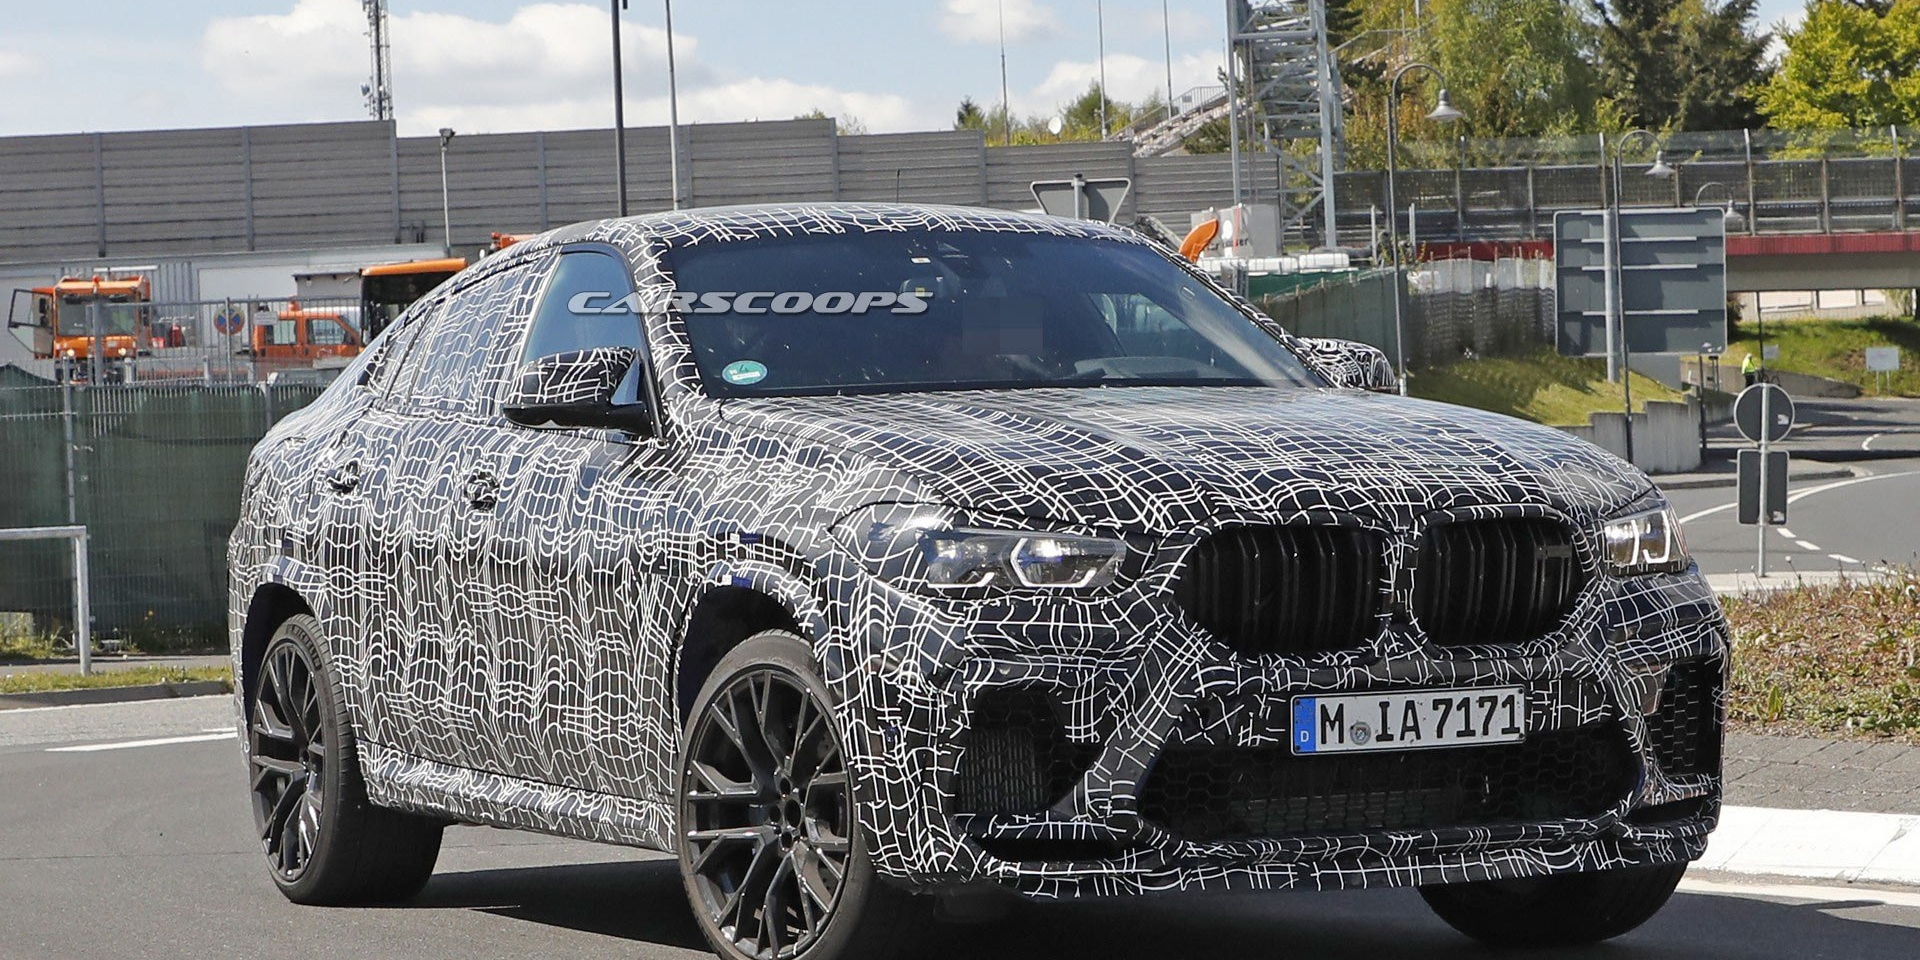 2020 BMW X6 M性能亮眼,超過600hp馬力上身